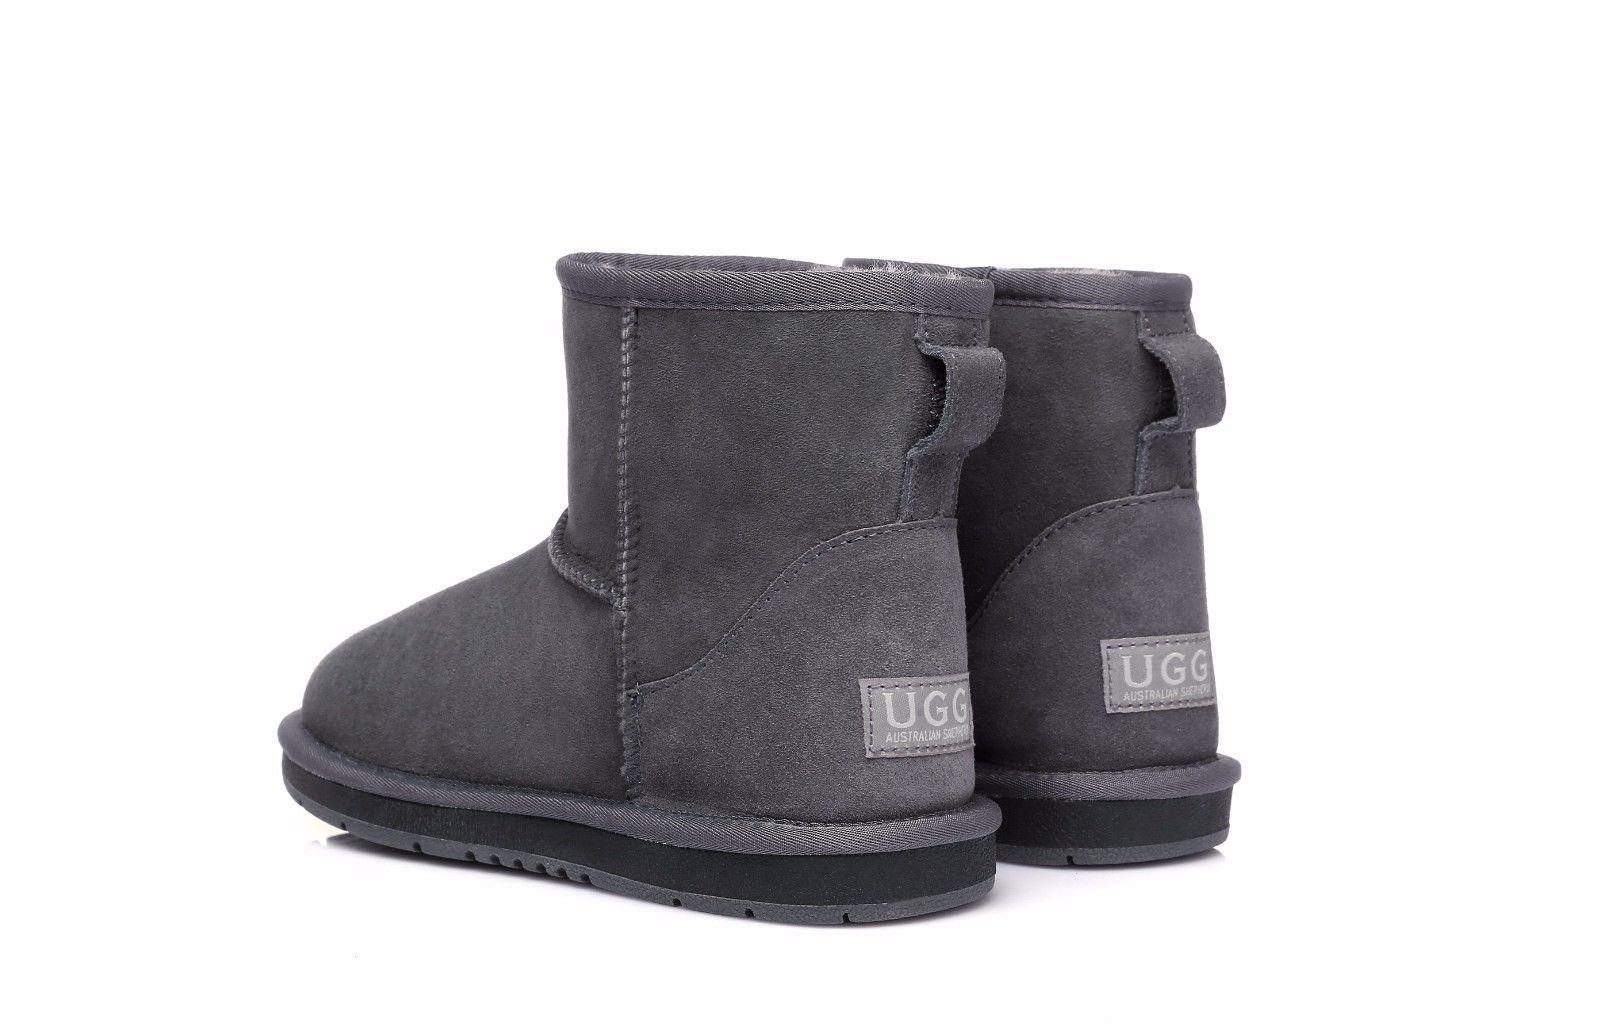 Ugg-Boots-Women-Men-Mini-Classic-Australian-Sheepskin-Ankle-Water-Resistant